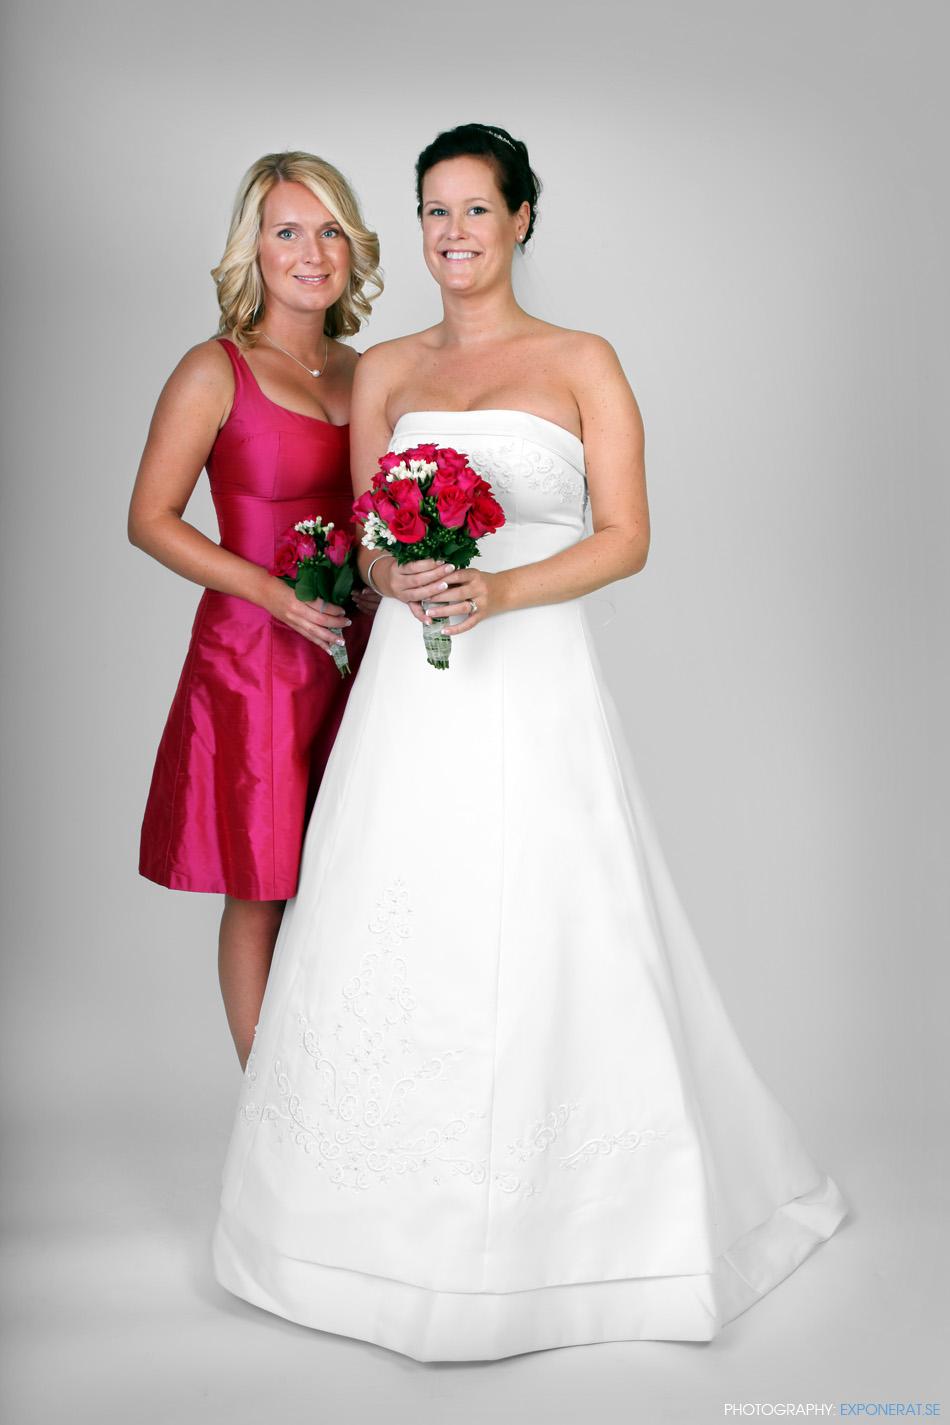 bröllop fotostudio